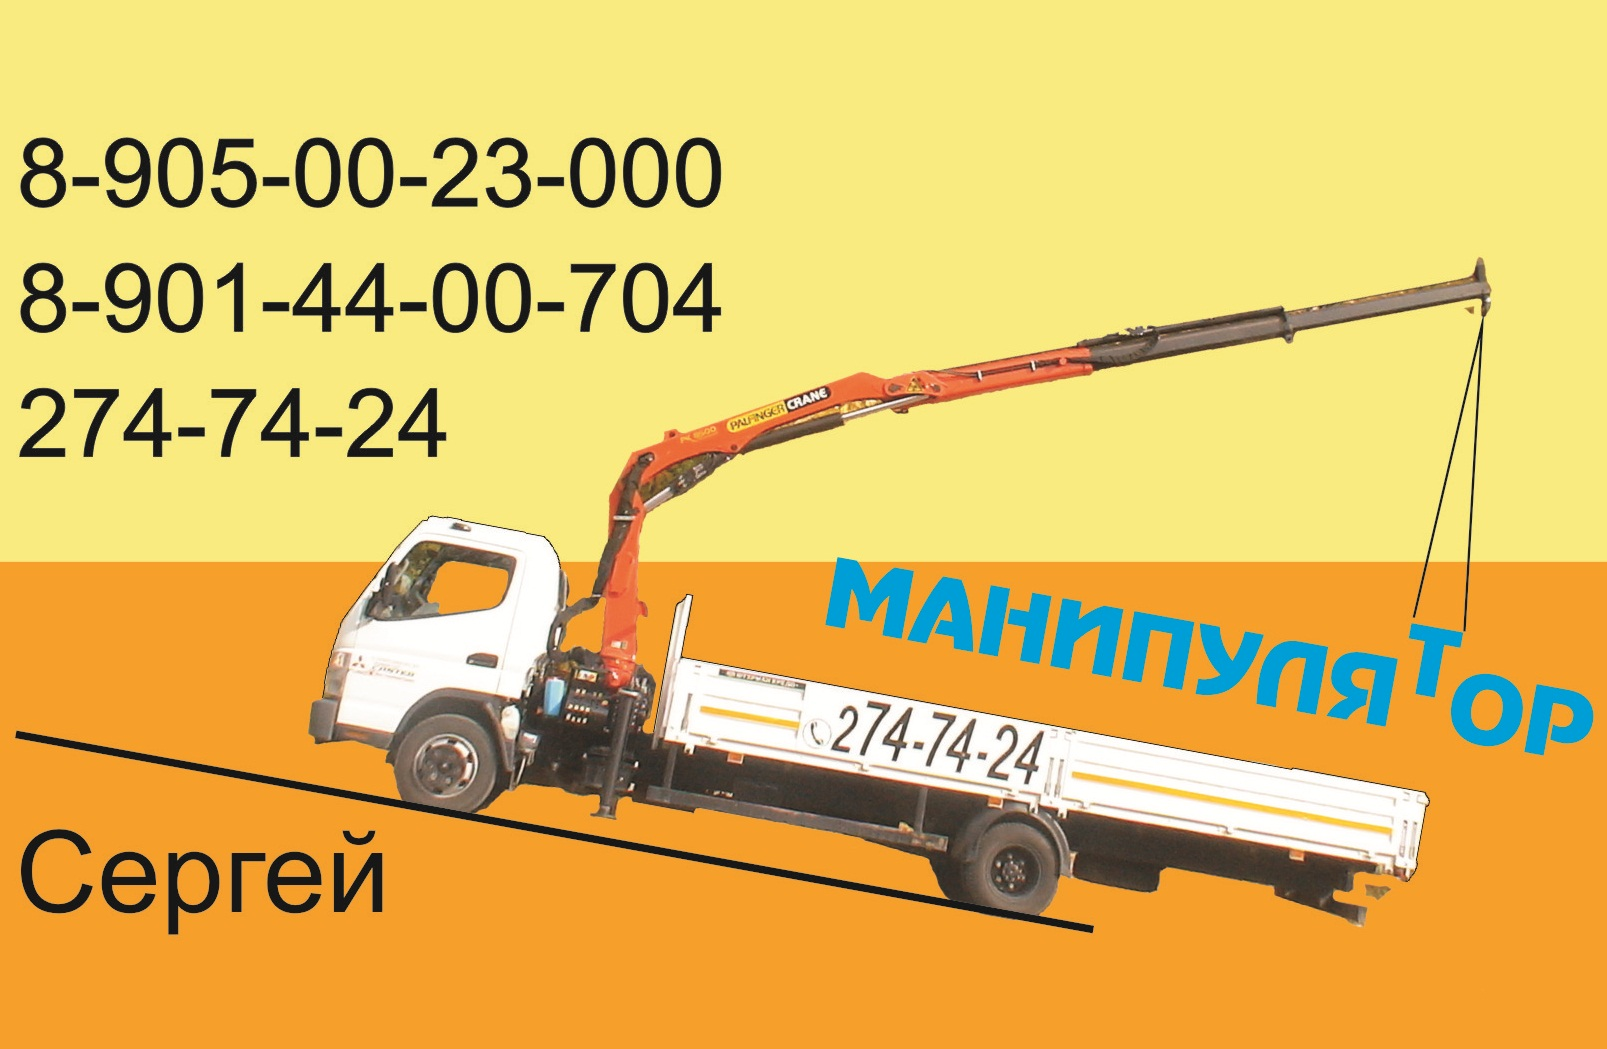 Услуги манипулятора, аренда манипулятора 274-74-24 Уфа